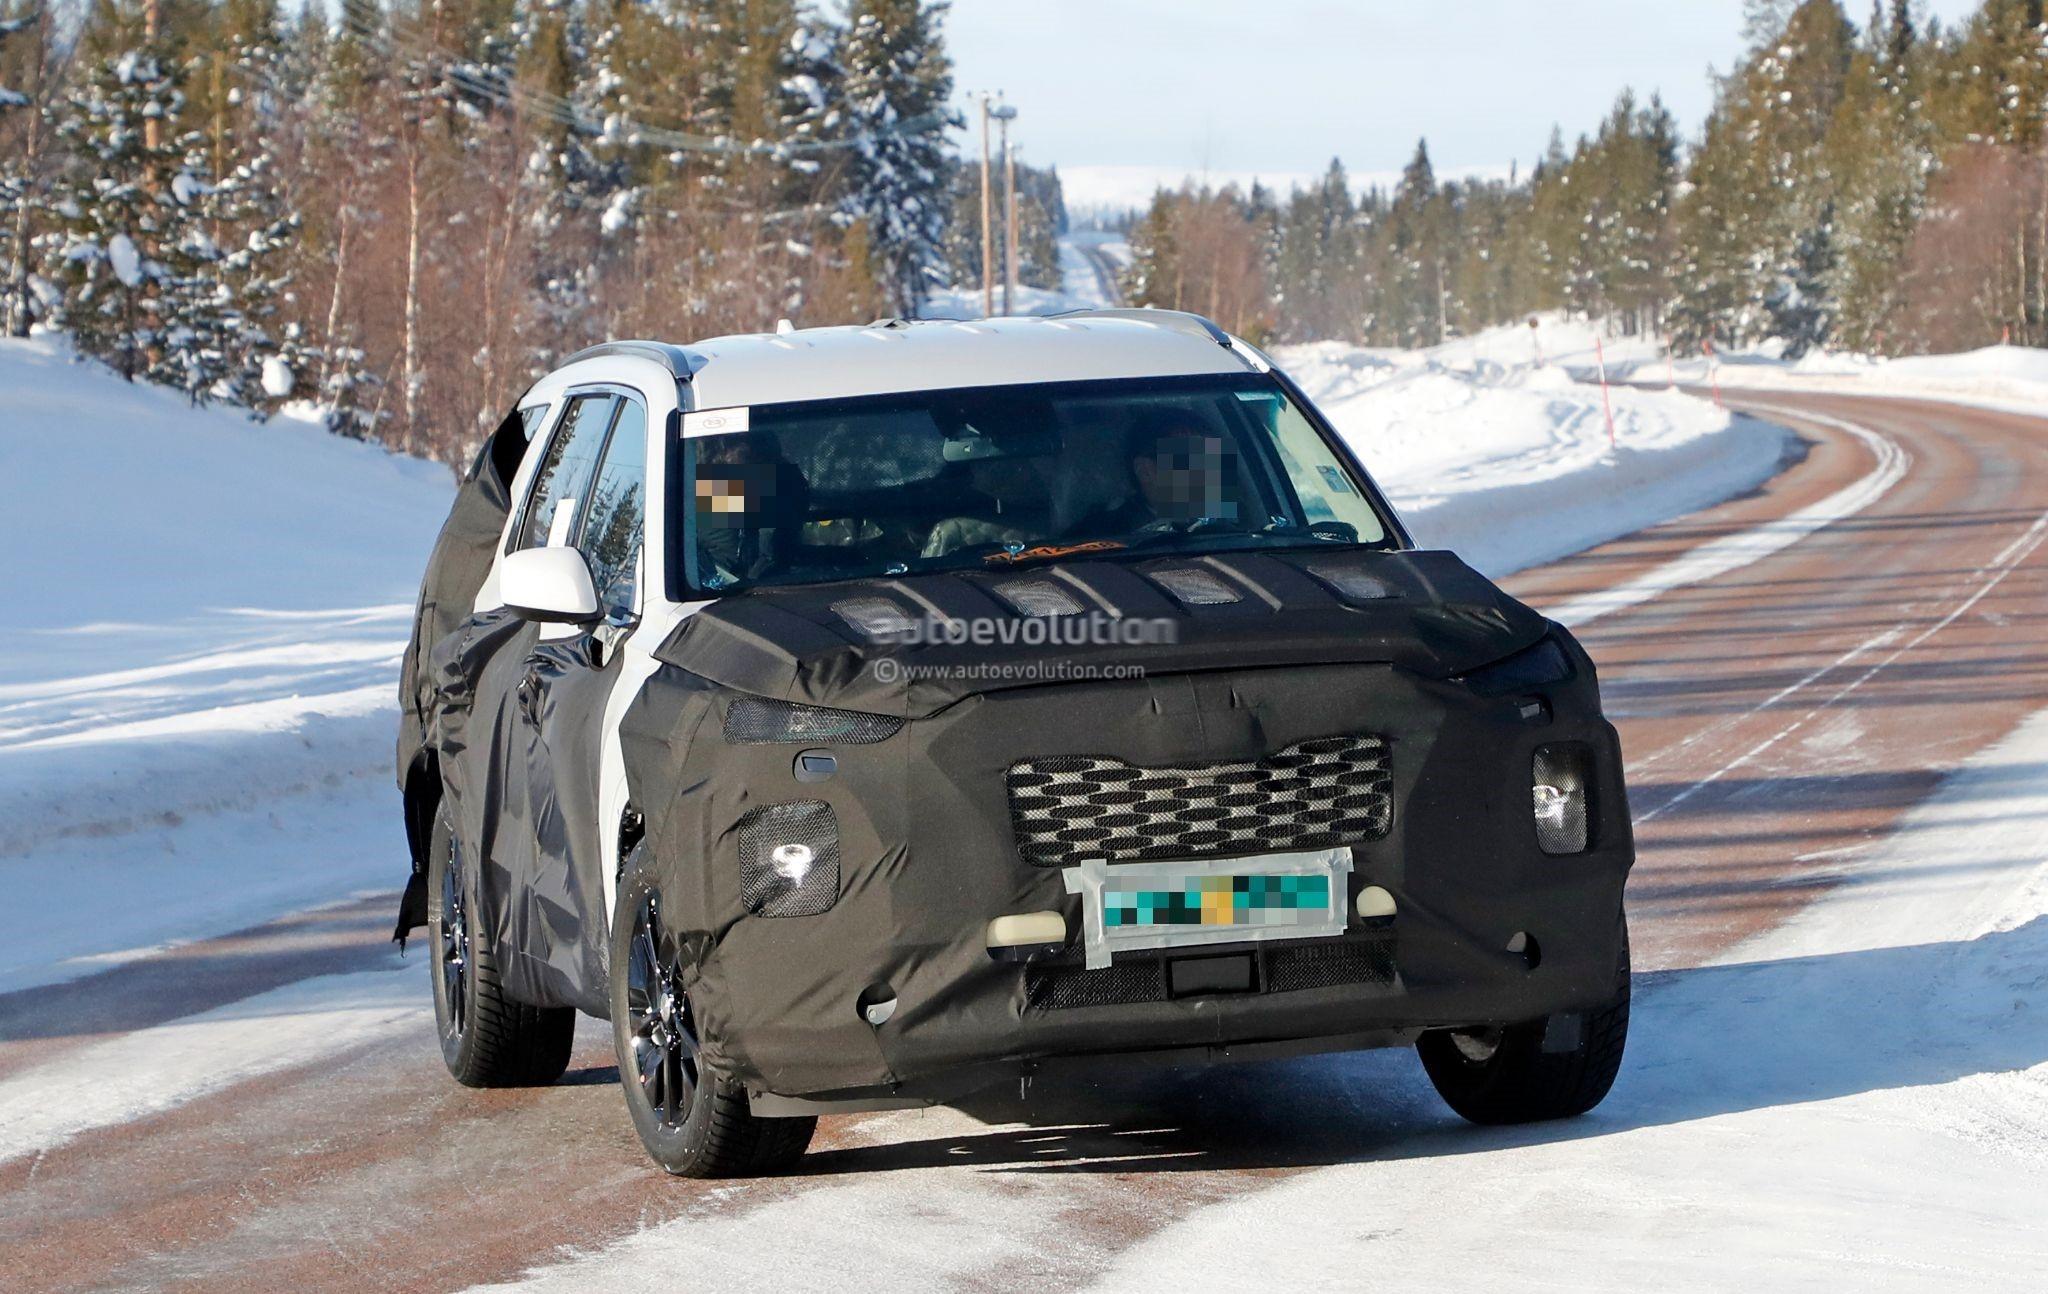 Hyundai Sonata F24 Gdi Launched In Korea Autoevolution